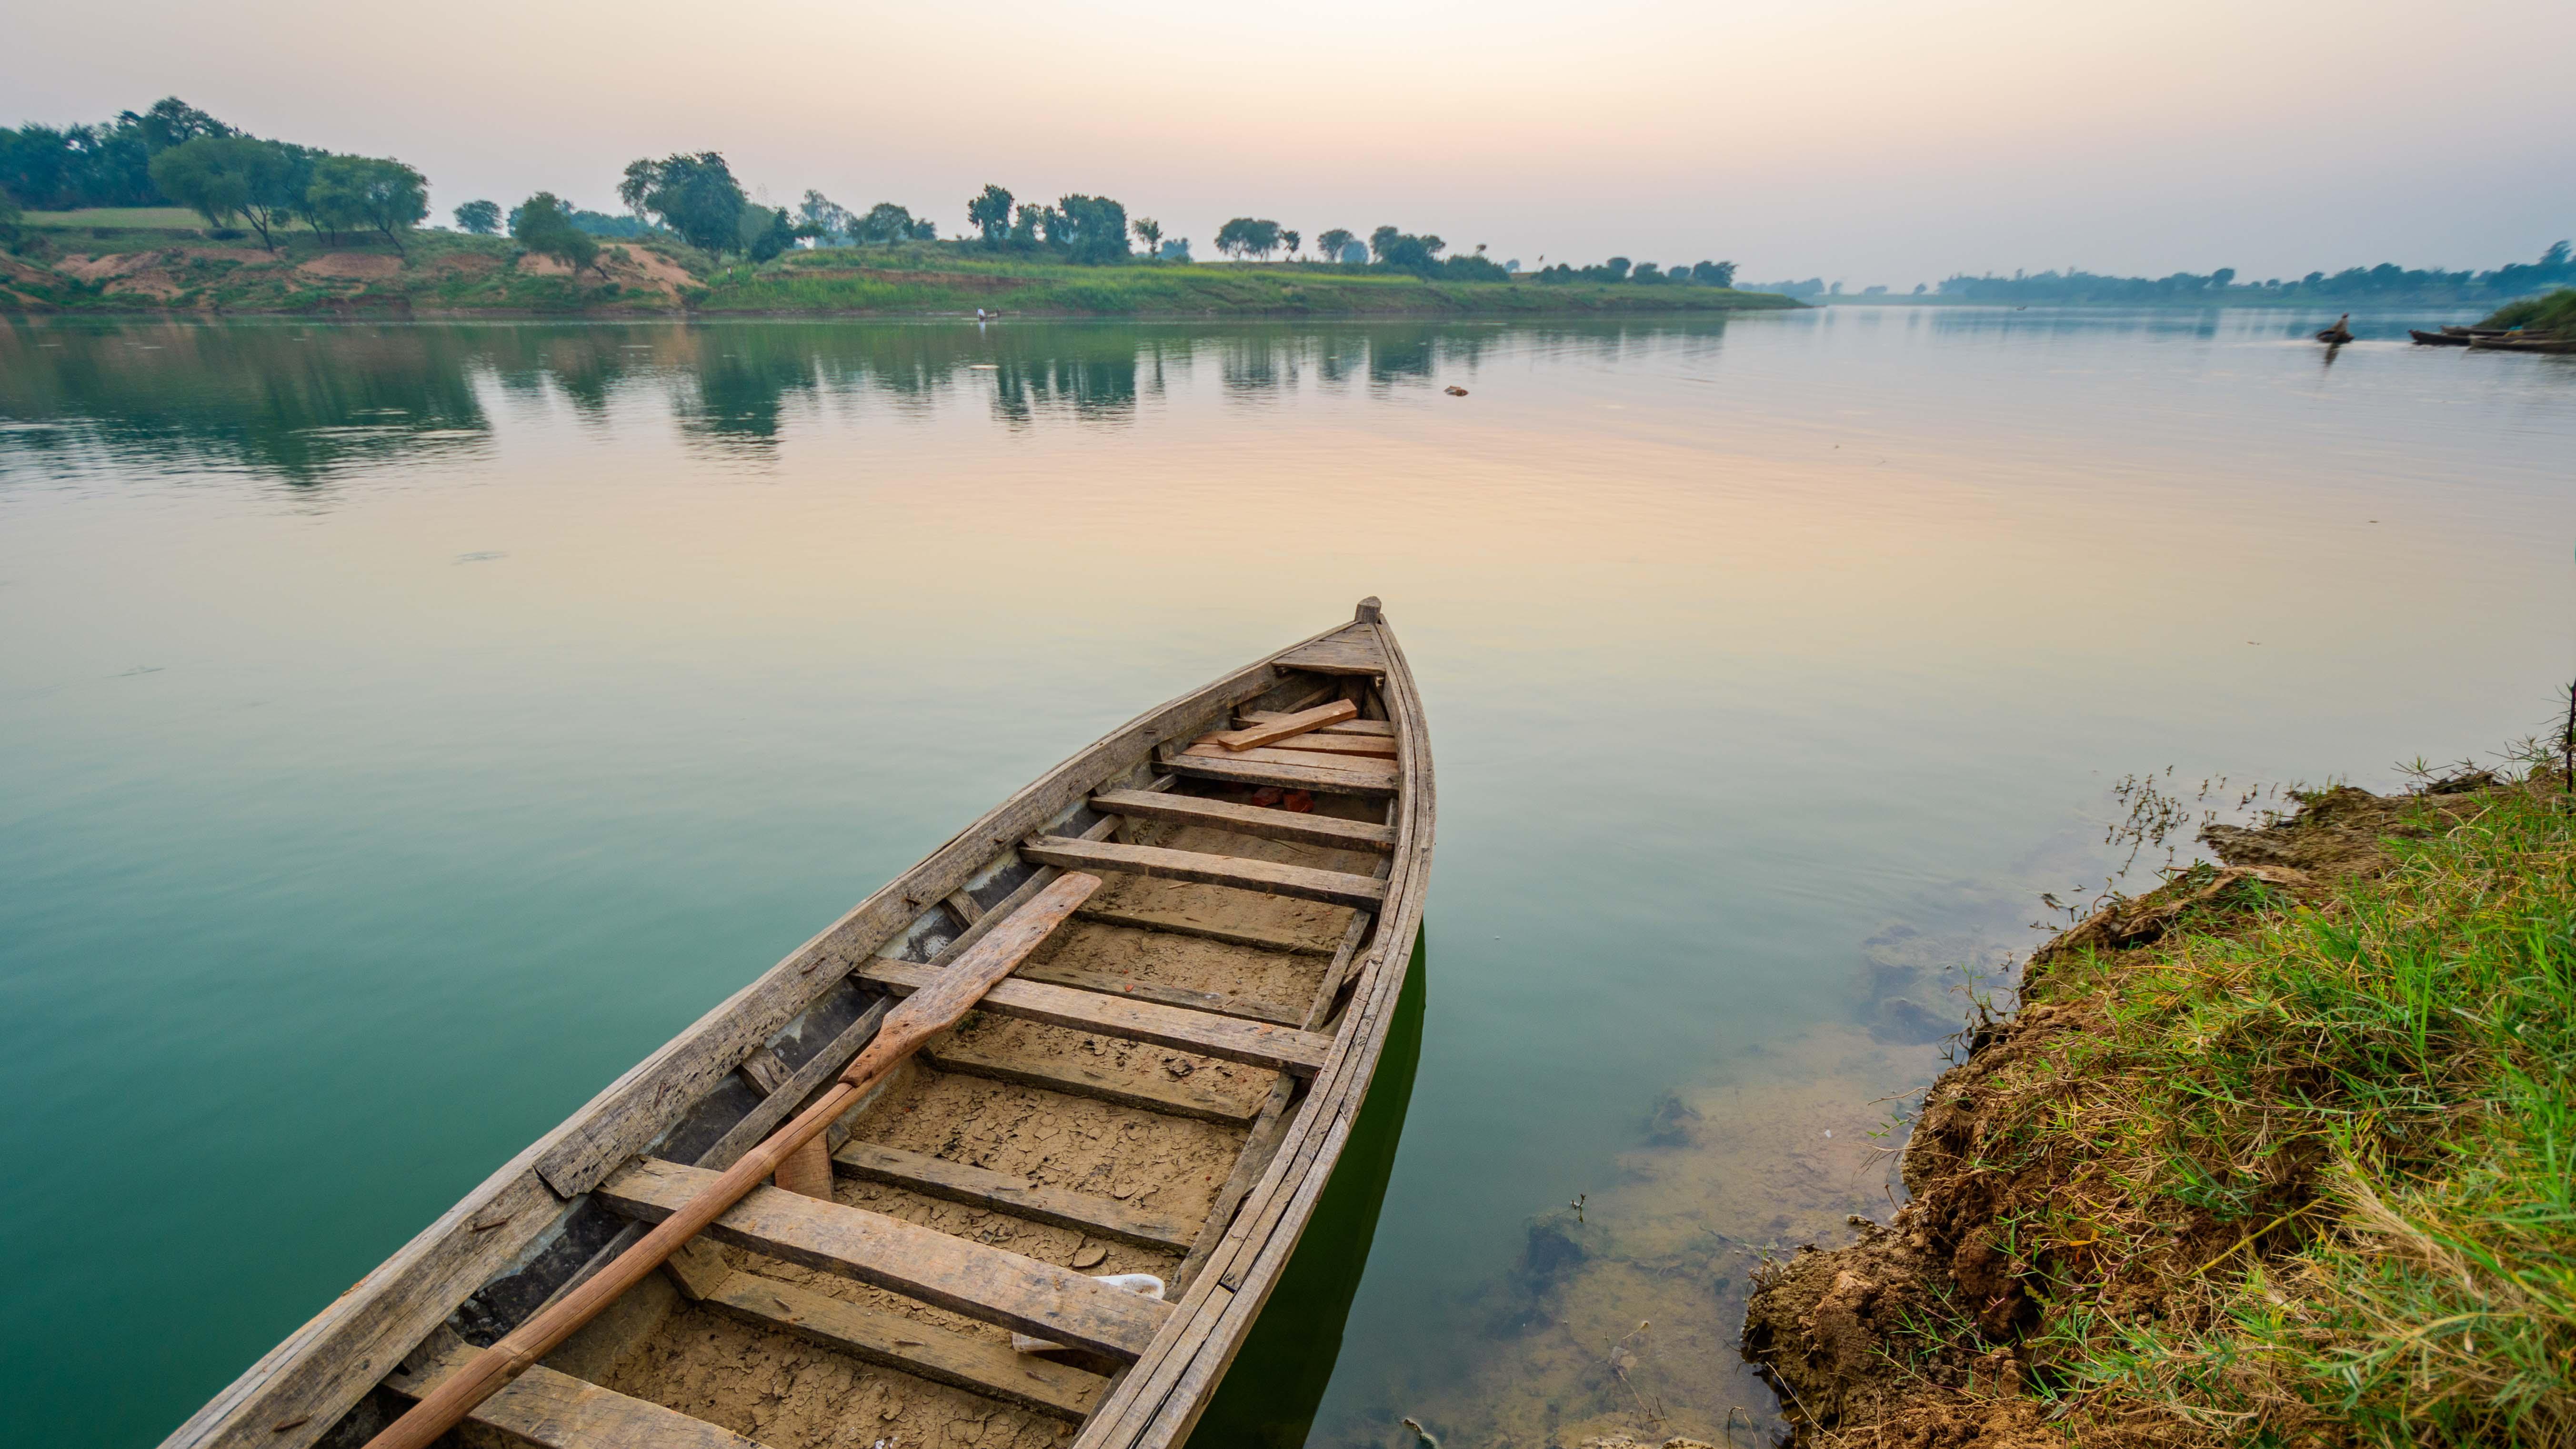 Villag - Boat ride